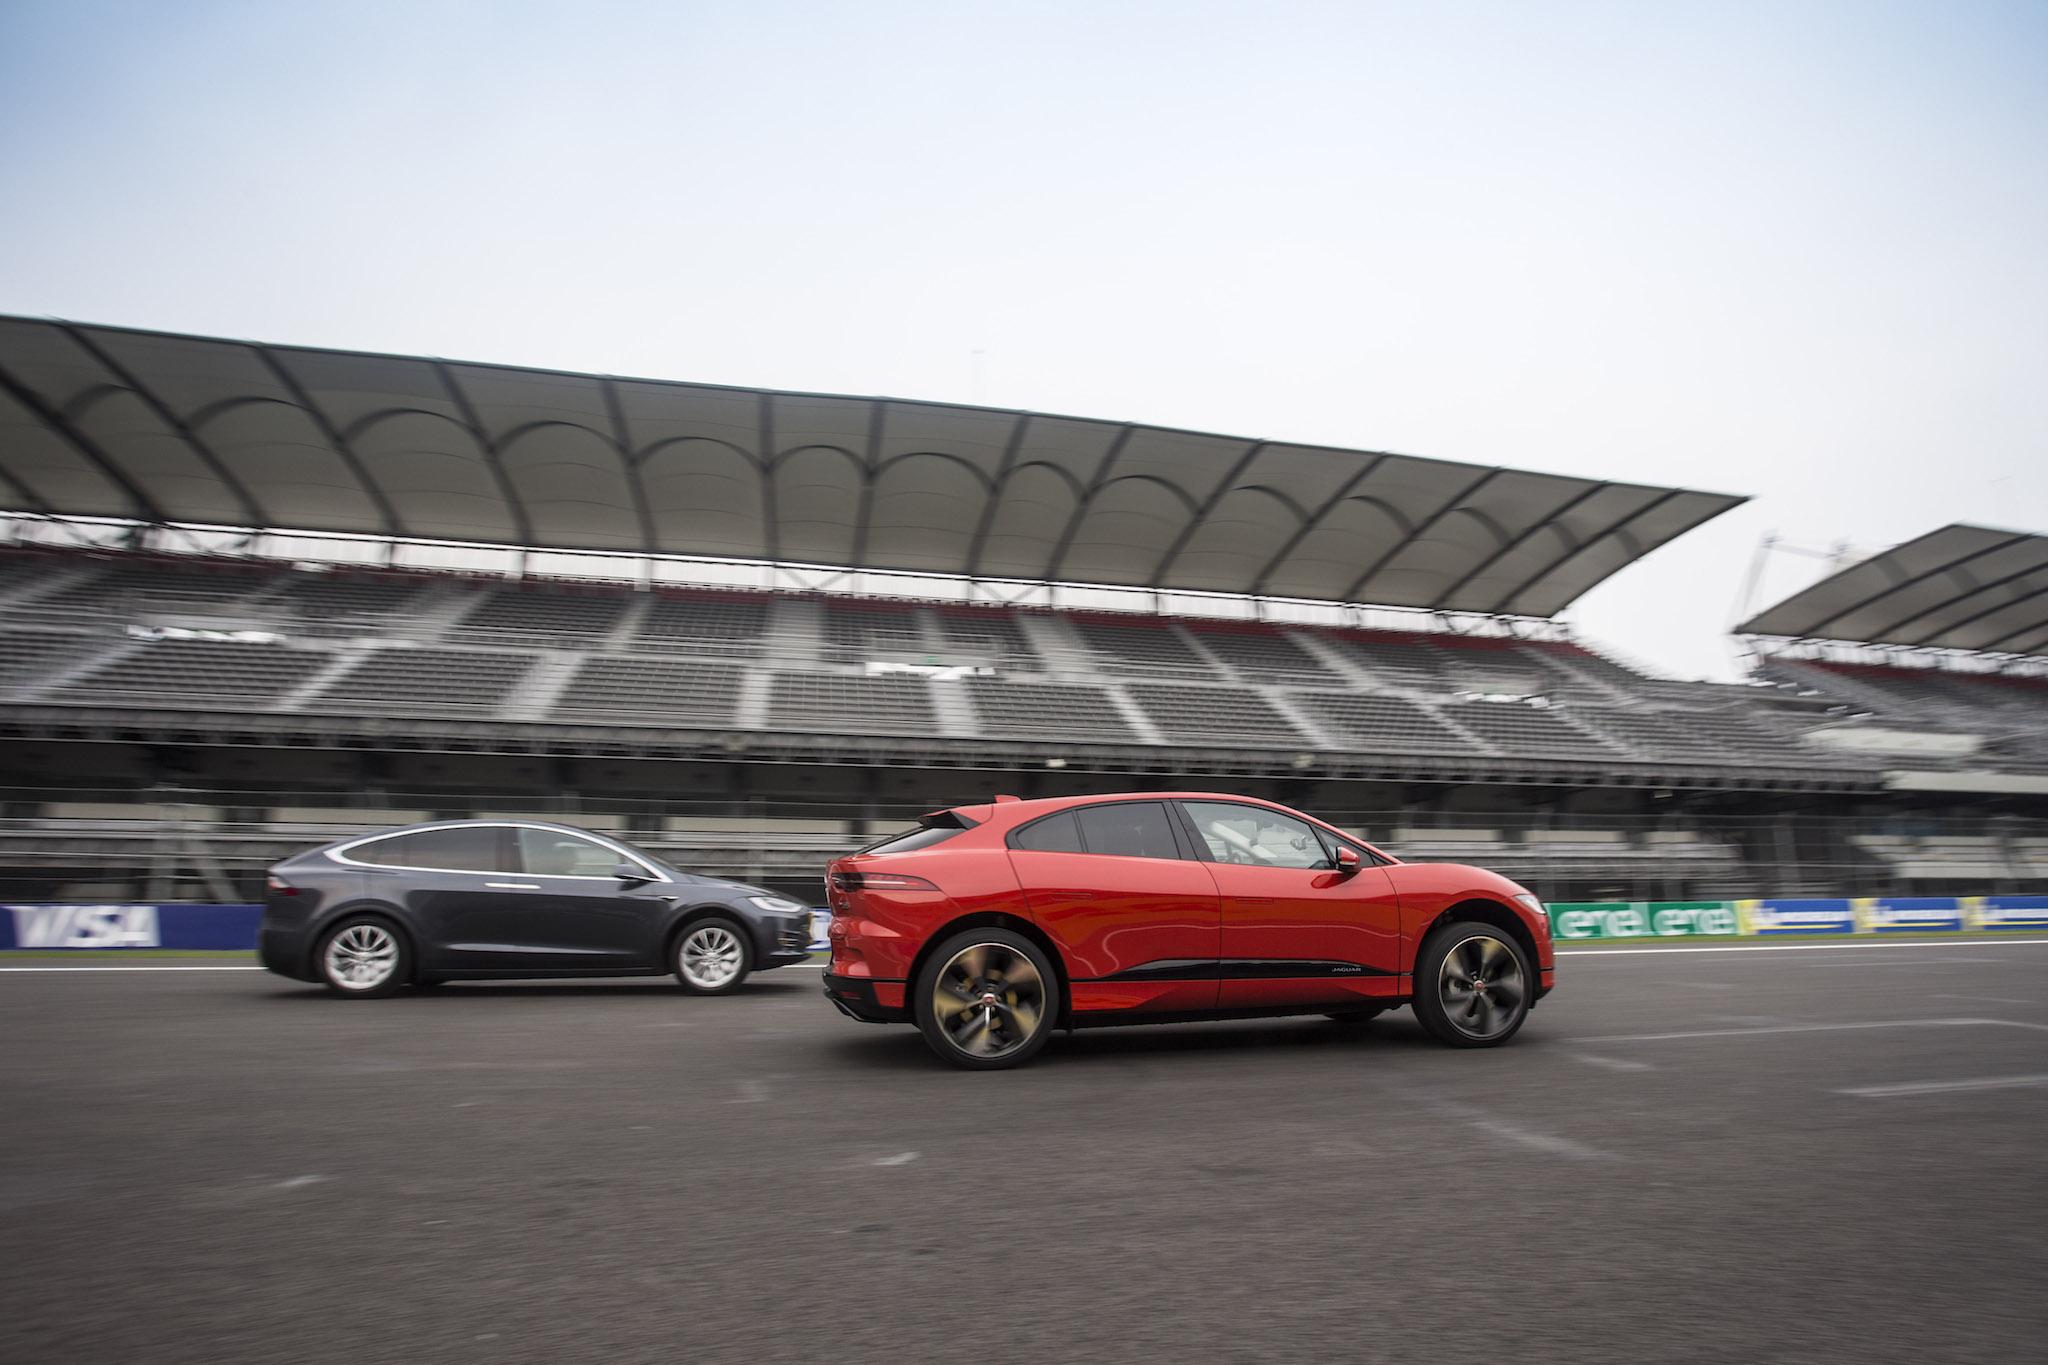 ev show los pace race angeles jaguarforums img electrified la auto com road hybrid a articles and attend jaguar i jaguars l dealership